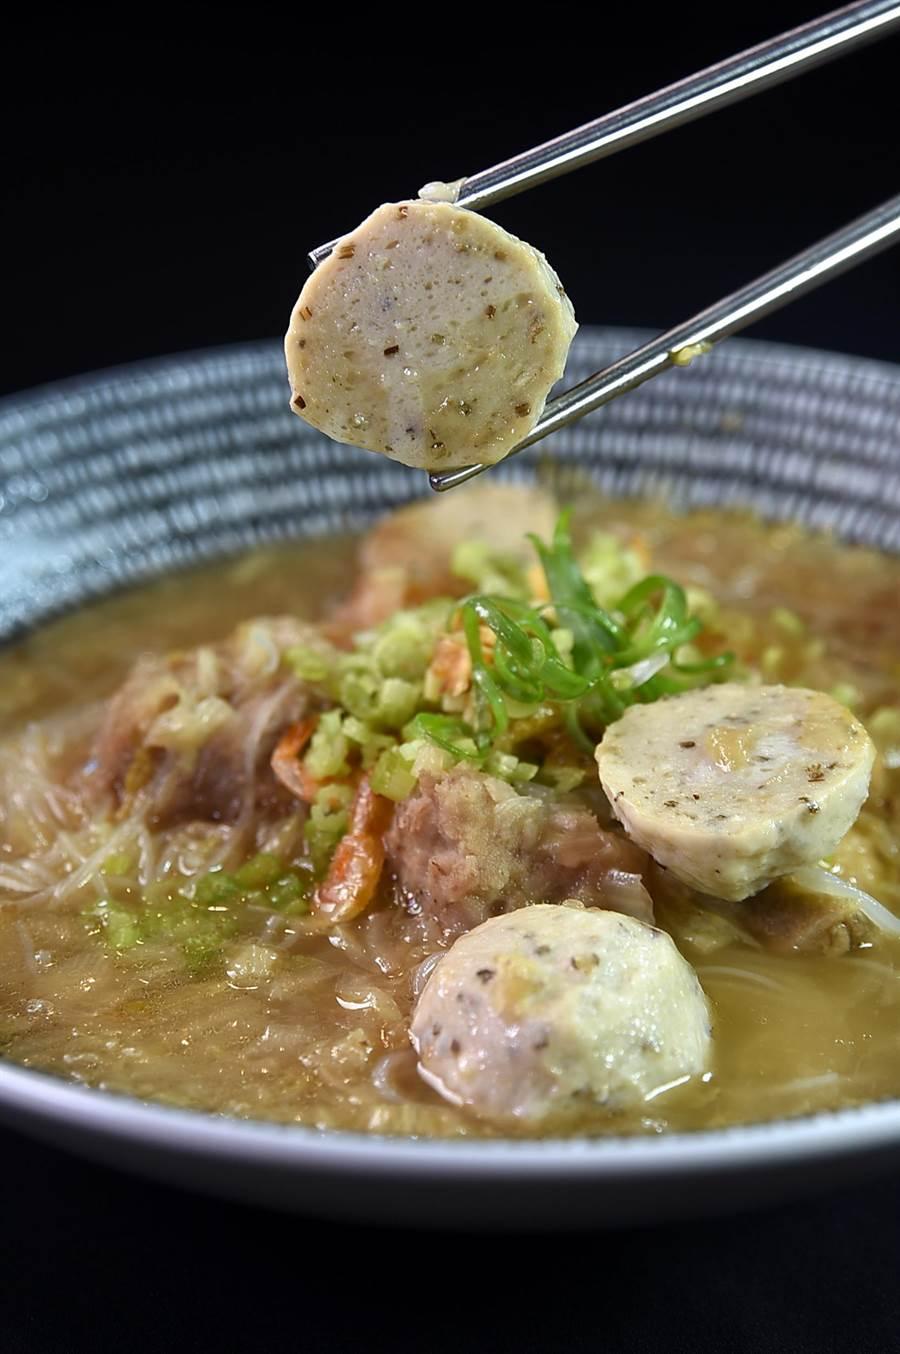 每份220元的〈褐藻金鯧米粉〉內除有芋頭、黃金鯧魚及褐藻米粉外,並有用純魚肉打成魚漿做的褐藻魚丸。(圖/姚舜)